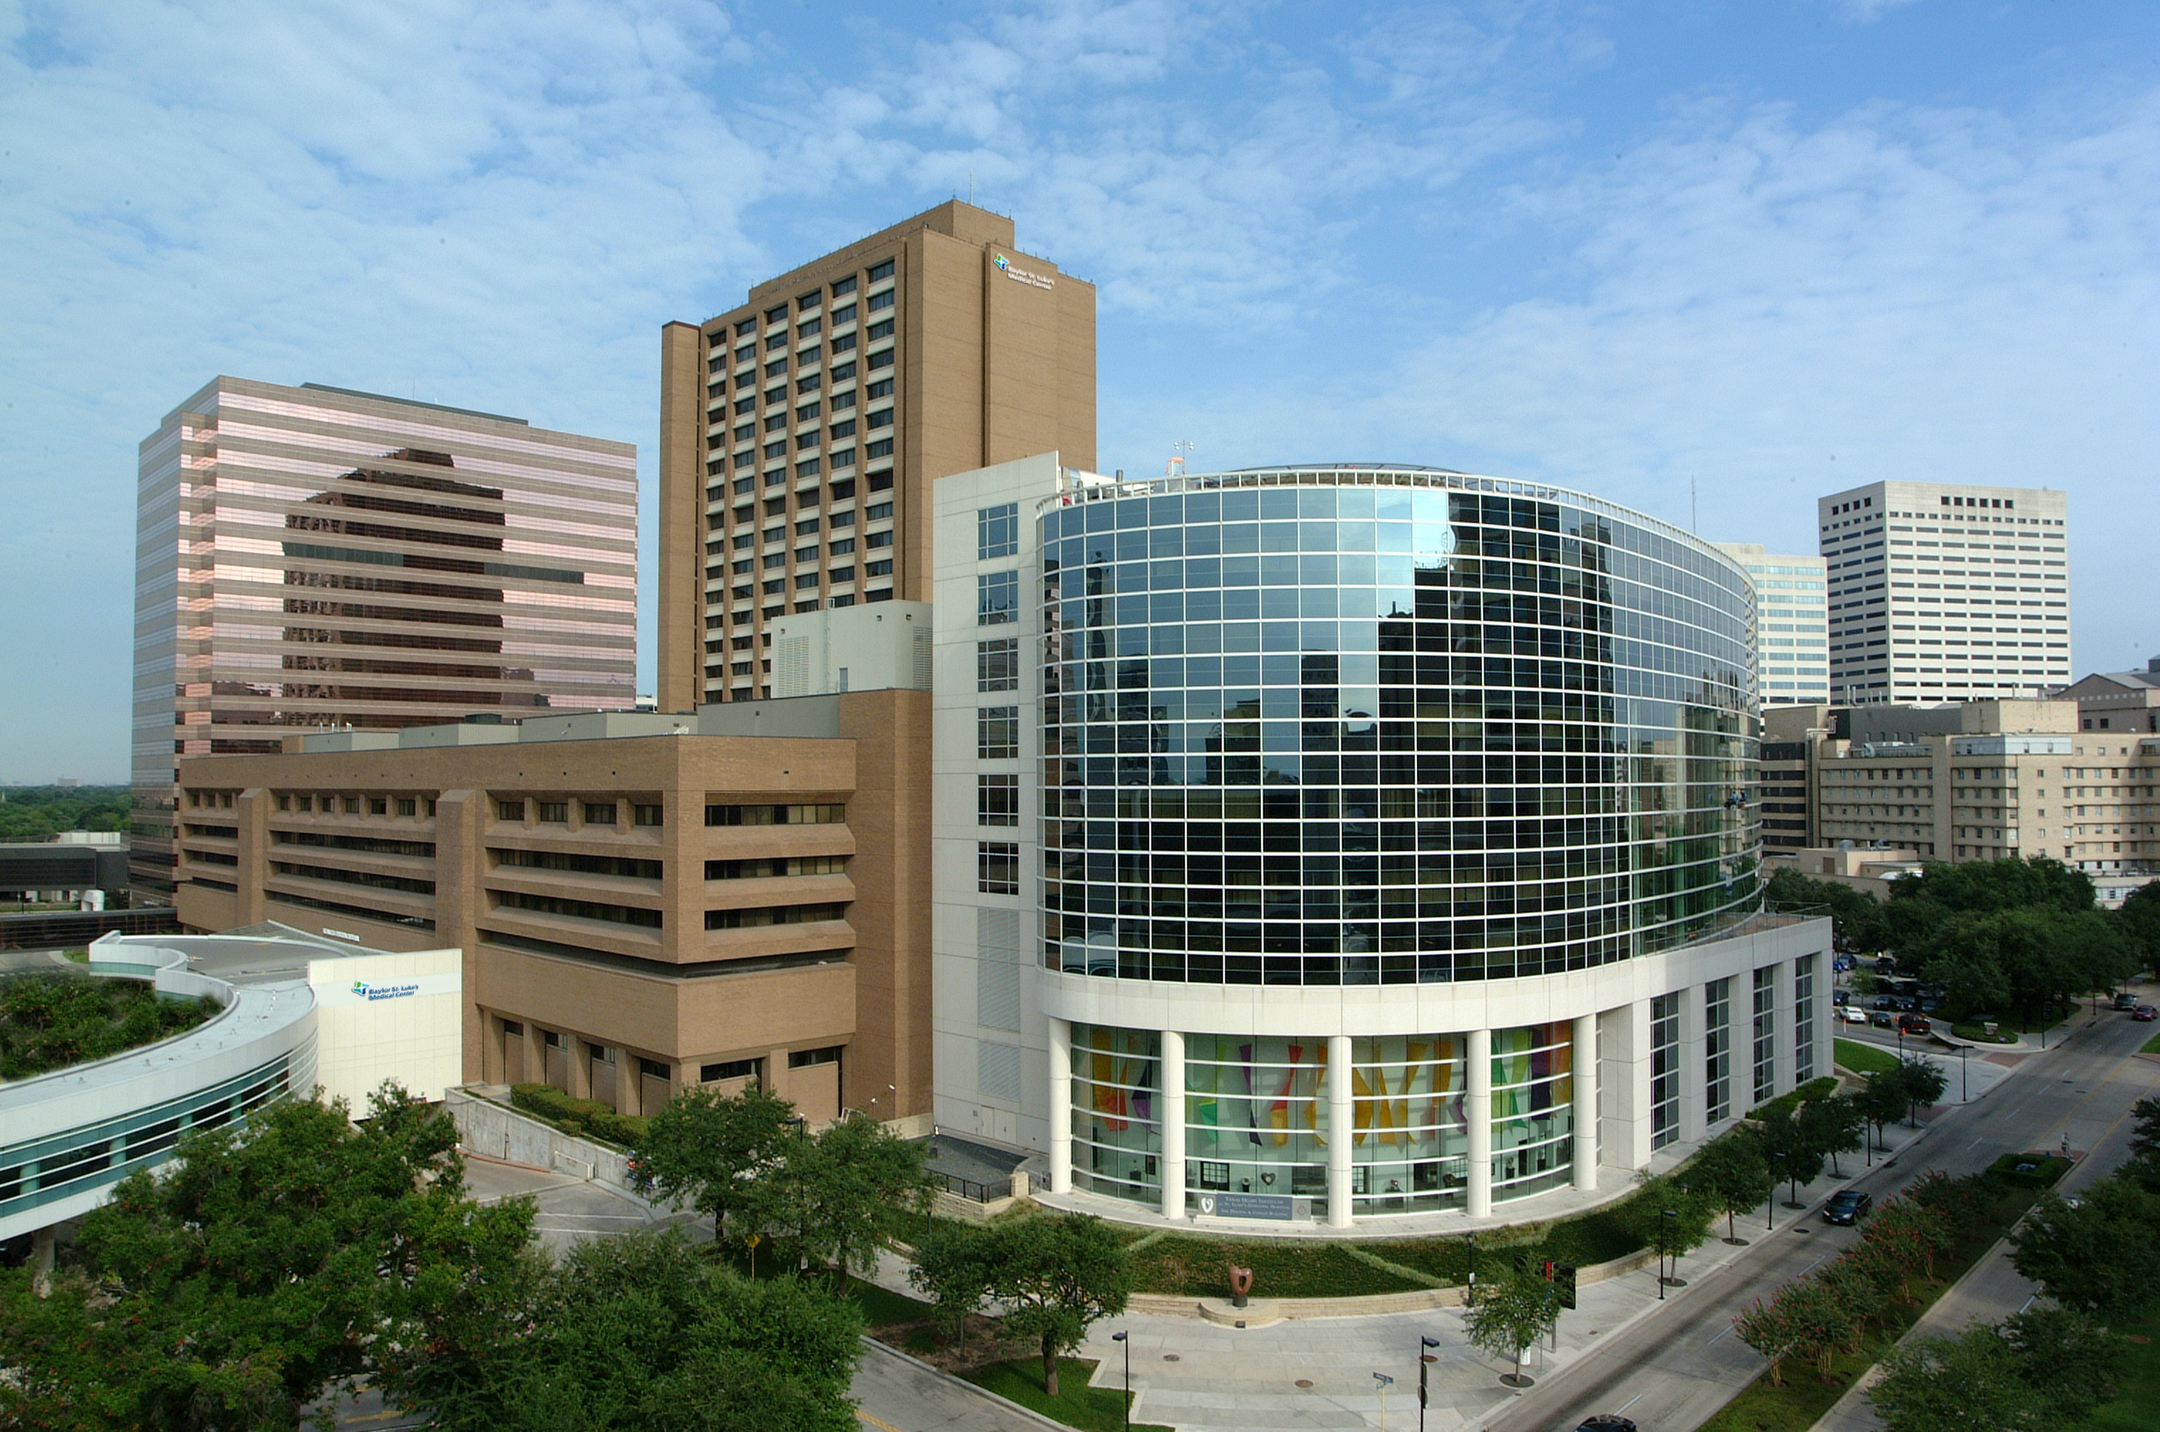 St. Luke's Health - Baylor St. Luke's Medical Center - Houston, TX